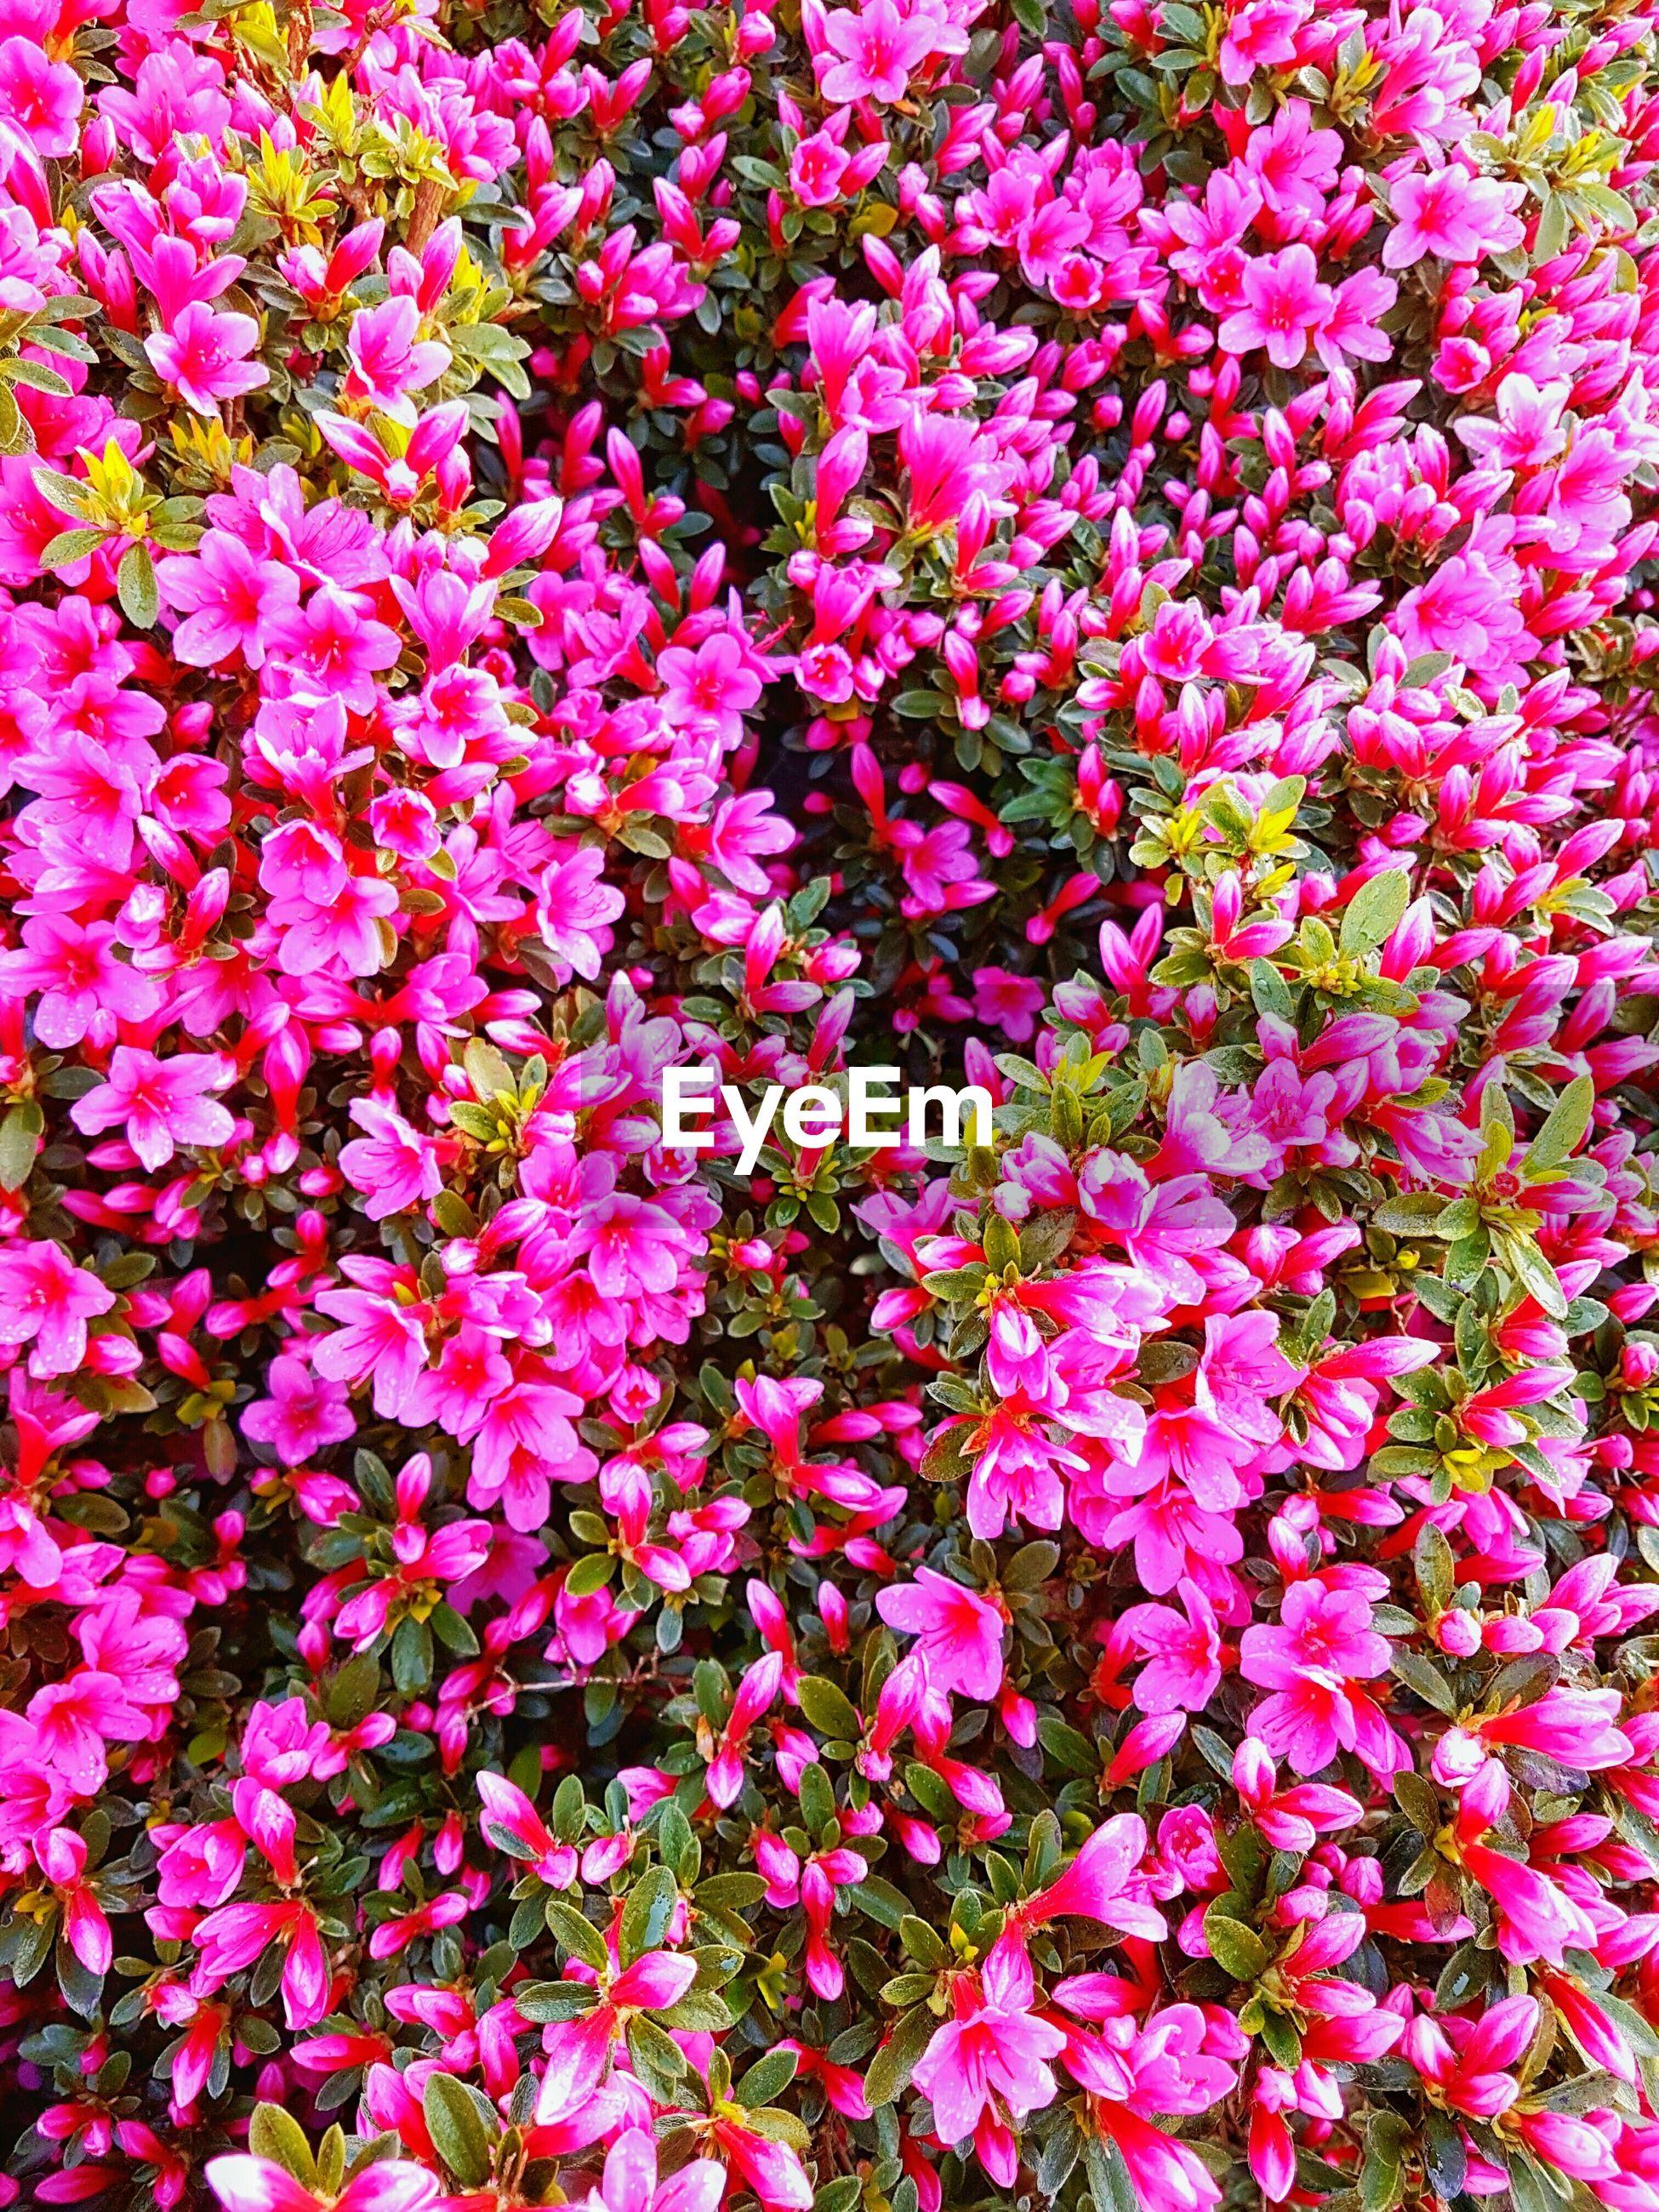 FULL FRAME SHOT OF PINK FLOWERS